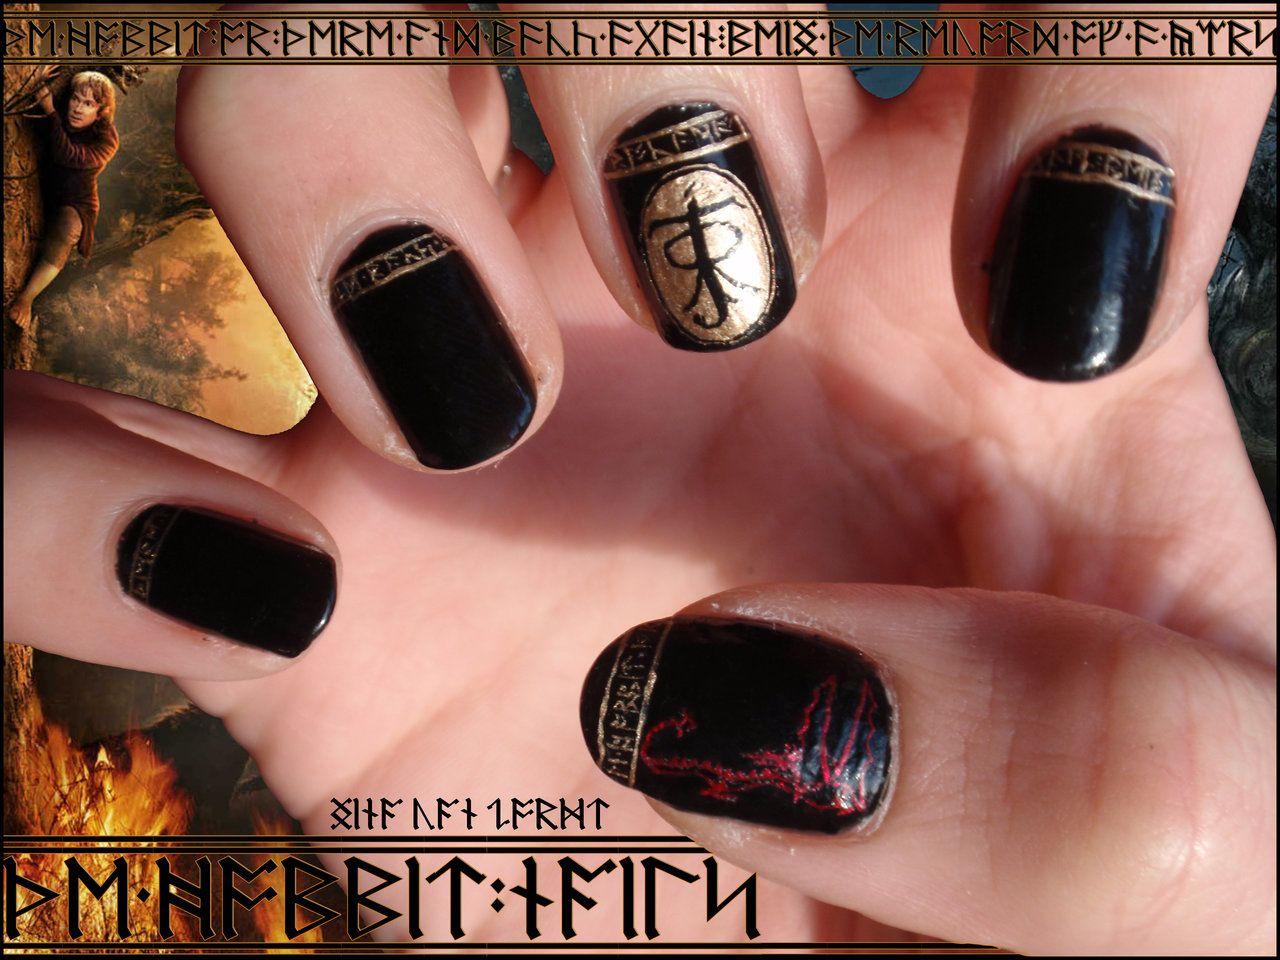 Pin by cristina lopez on Nail Art | Pinterest | Hobbit, Nail nail ...